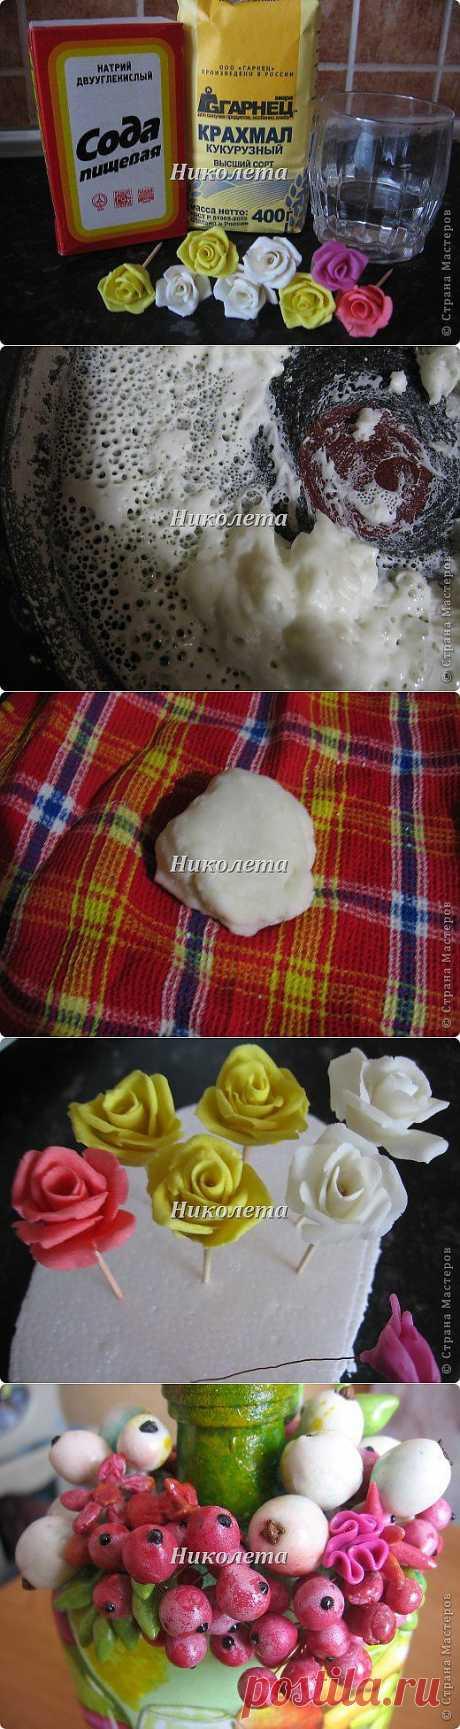 Самый простой рецепт холодного фарфора (мастики) БЕЗ КЛЕЯ!!! | Страна Мастеров